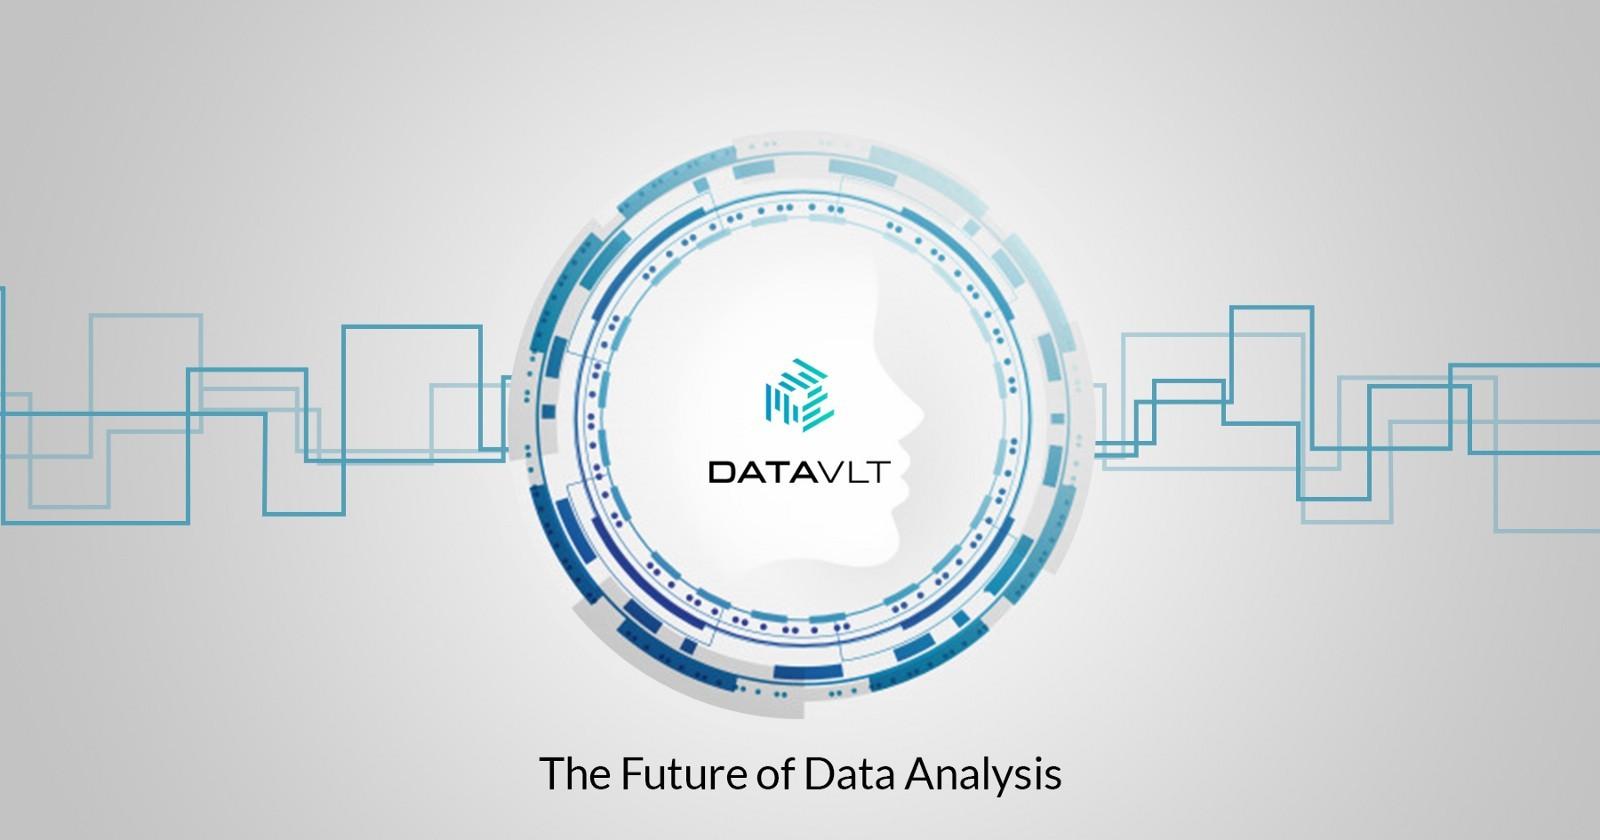 DATAVLT 預視超個性化時代帶來的挑戰